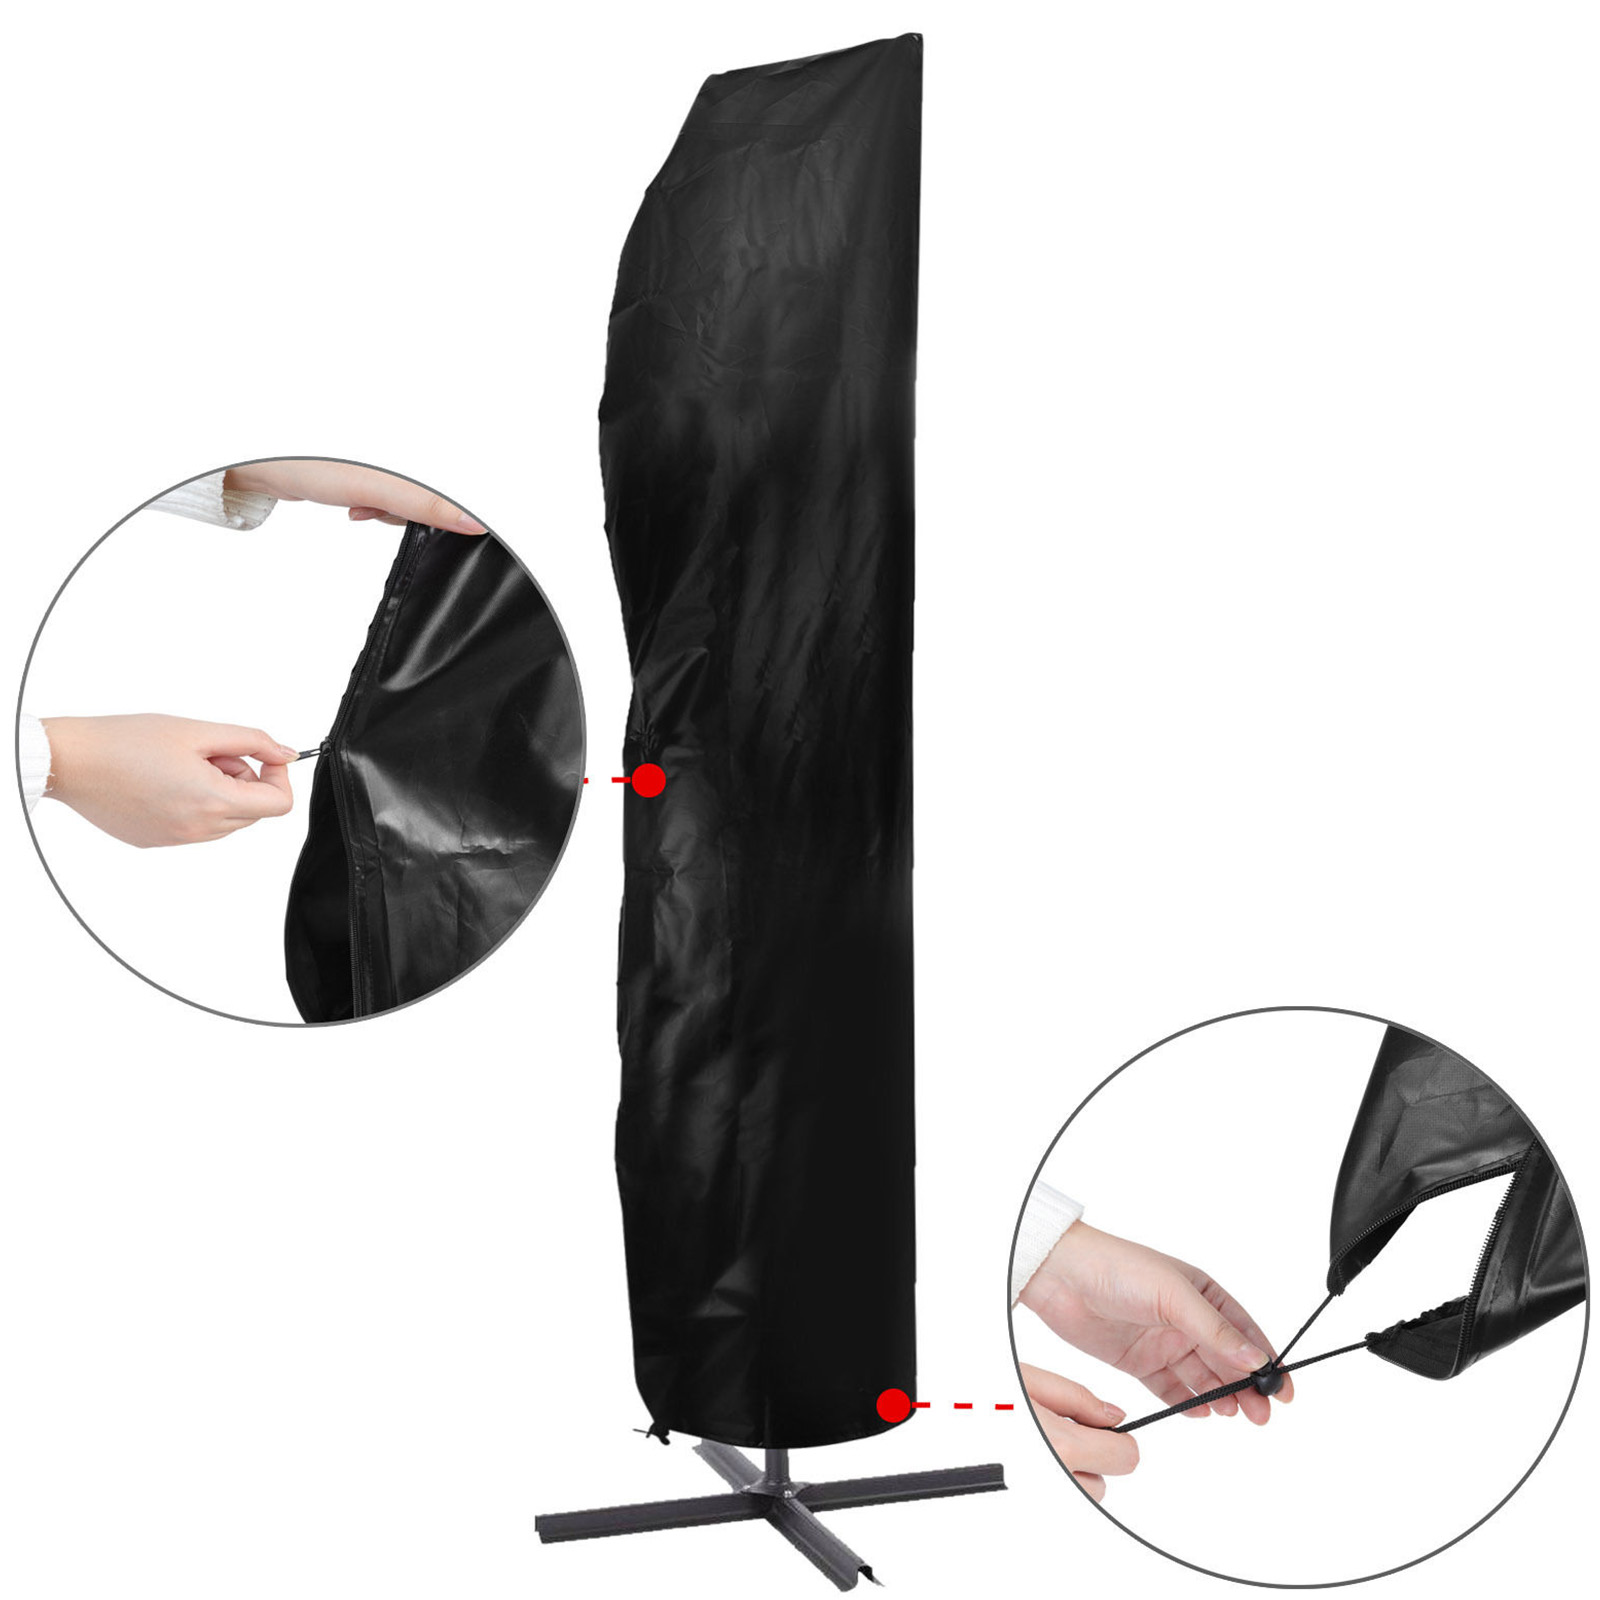 ampelschirm schutzh lle abdeckung plane schutzhaube h lle f r sonnenschirm 5m ebay. Black Bedroom Furniture Sets. Home Design Ideas